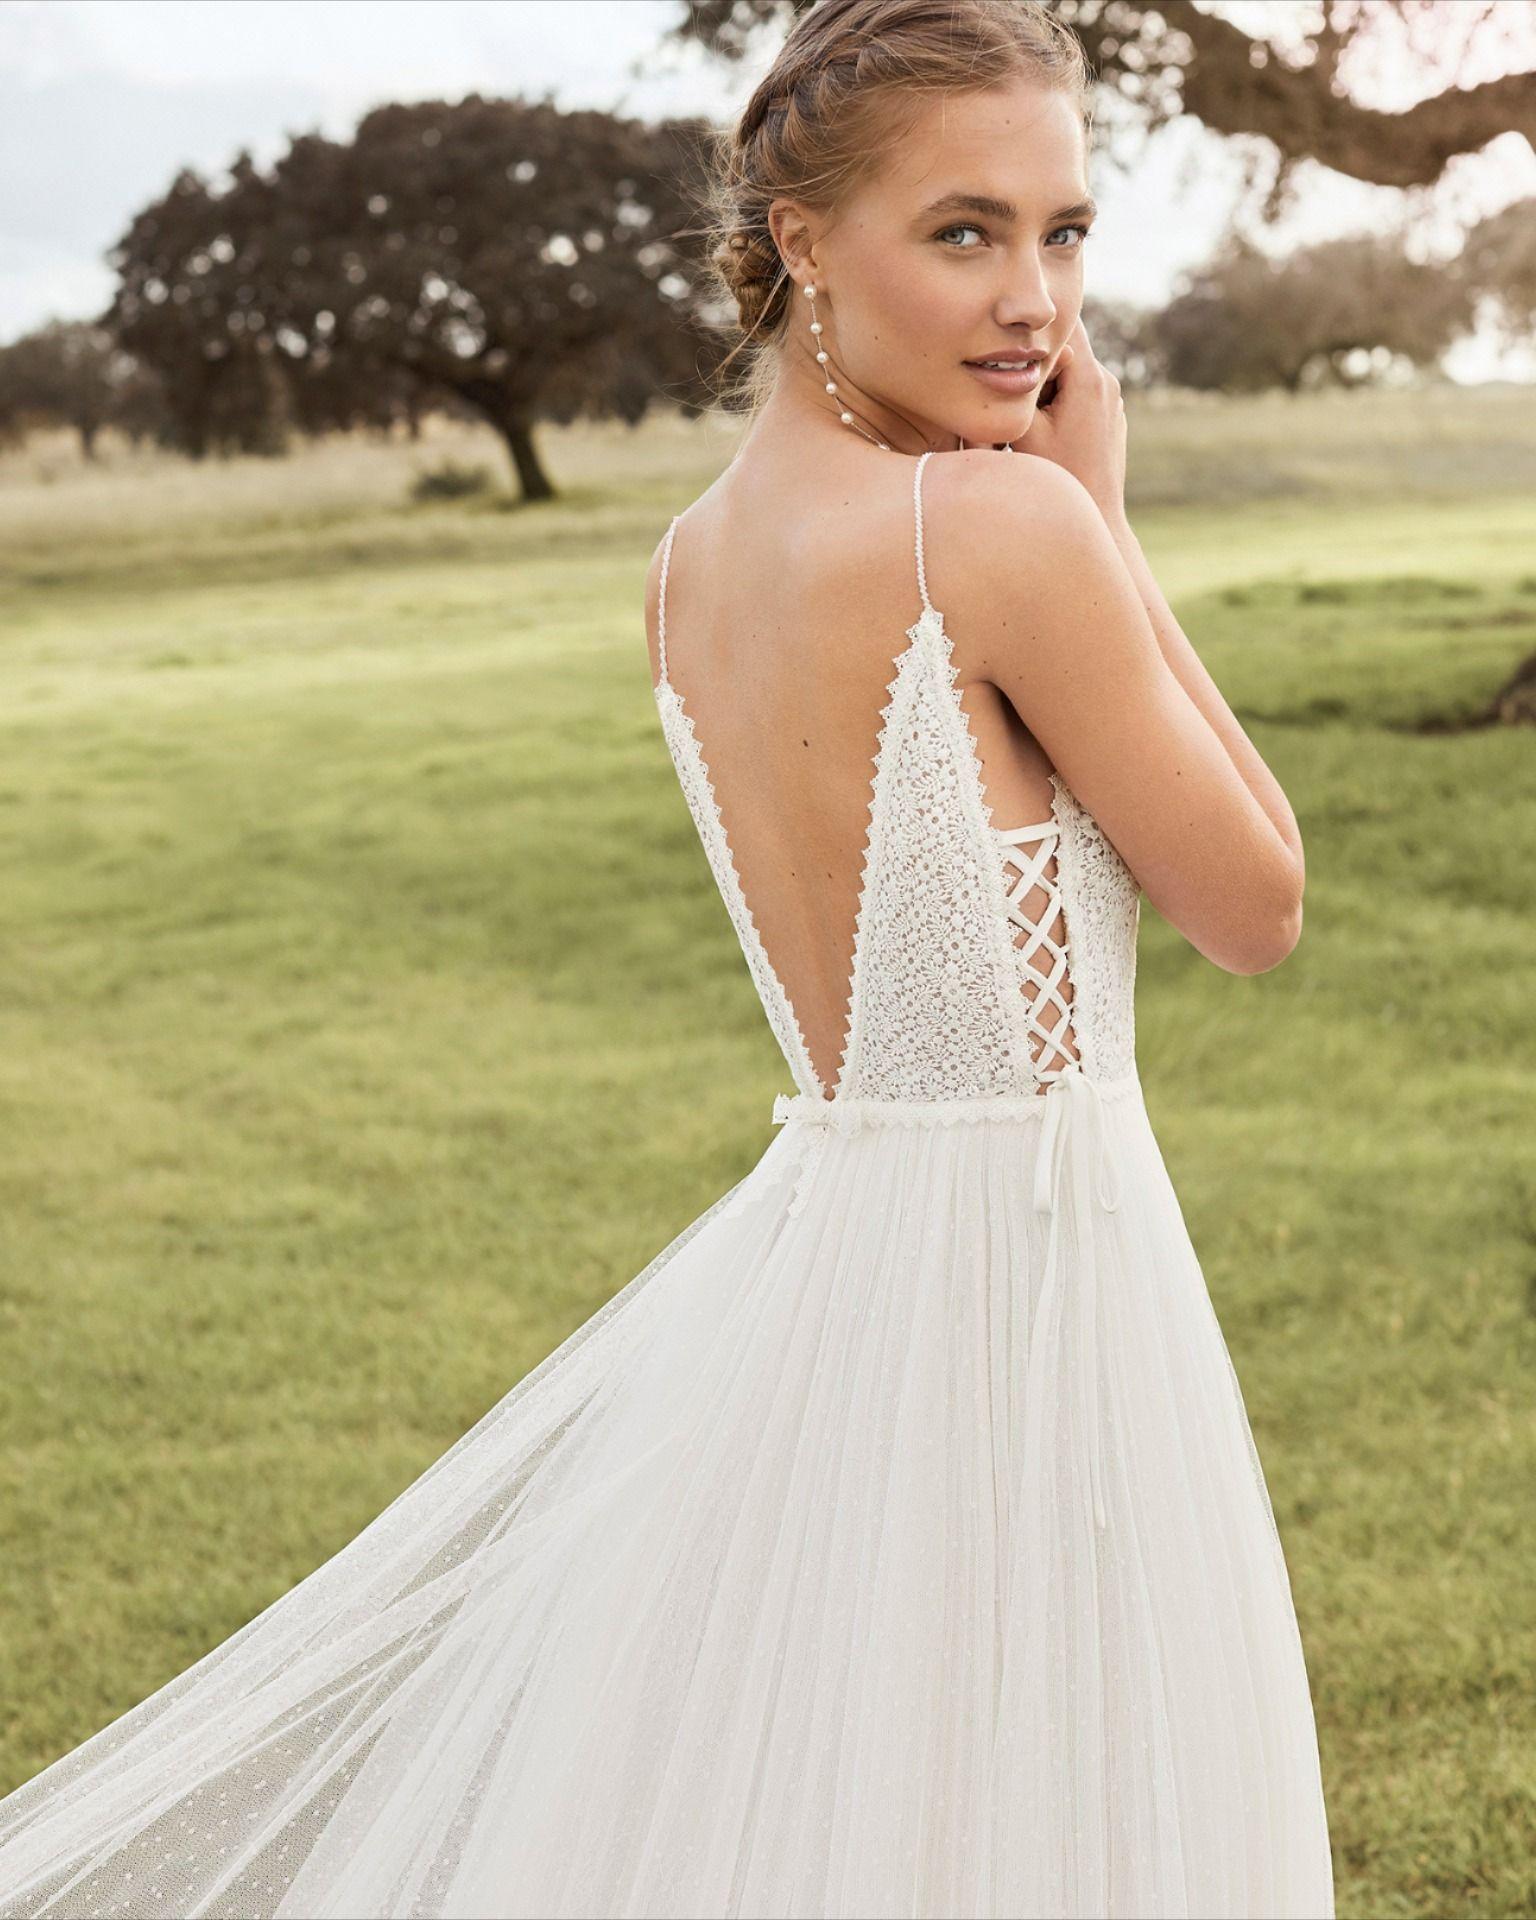 Aquiles Summer Wedding Dress Beach Wedding Dresses Wedding Dresses Photos [ 1920 x 1536 Pixel ]